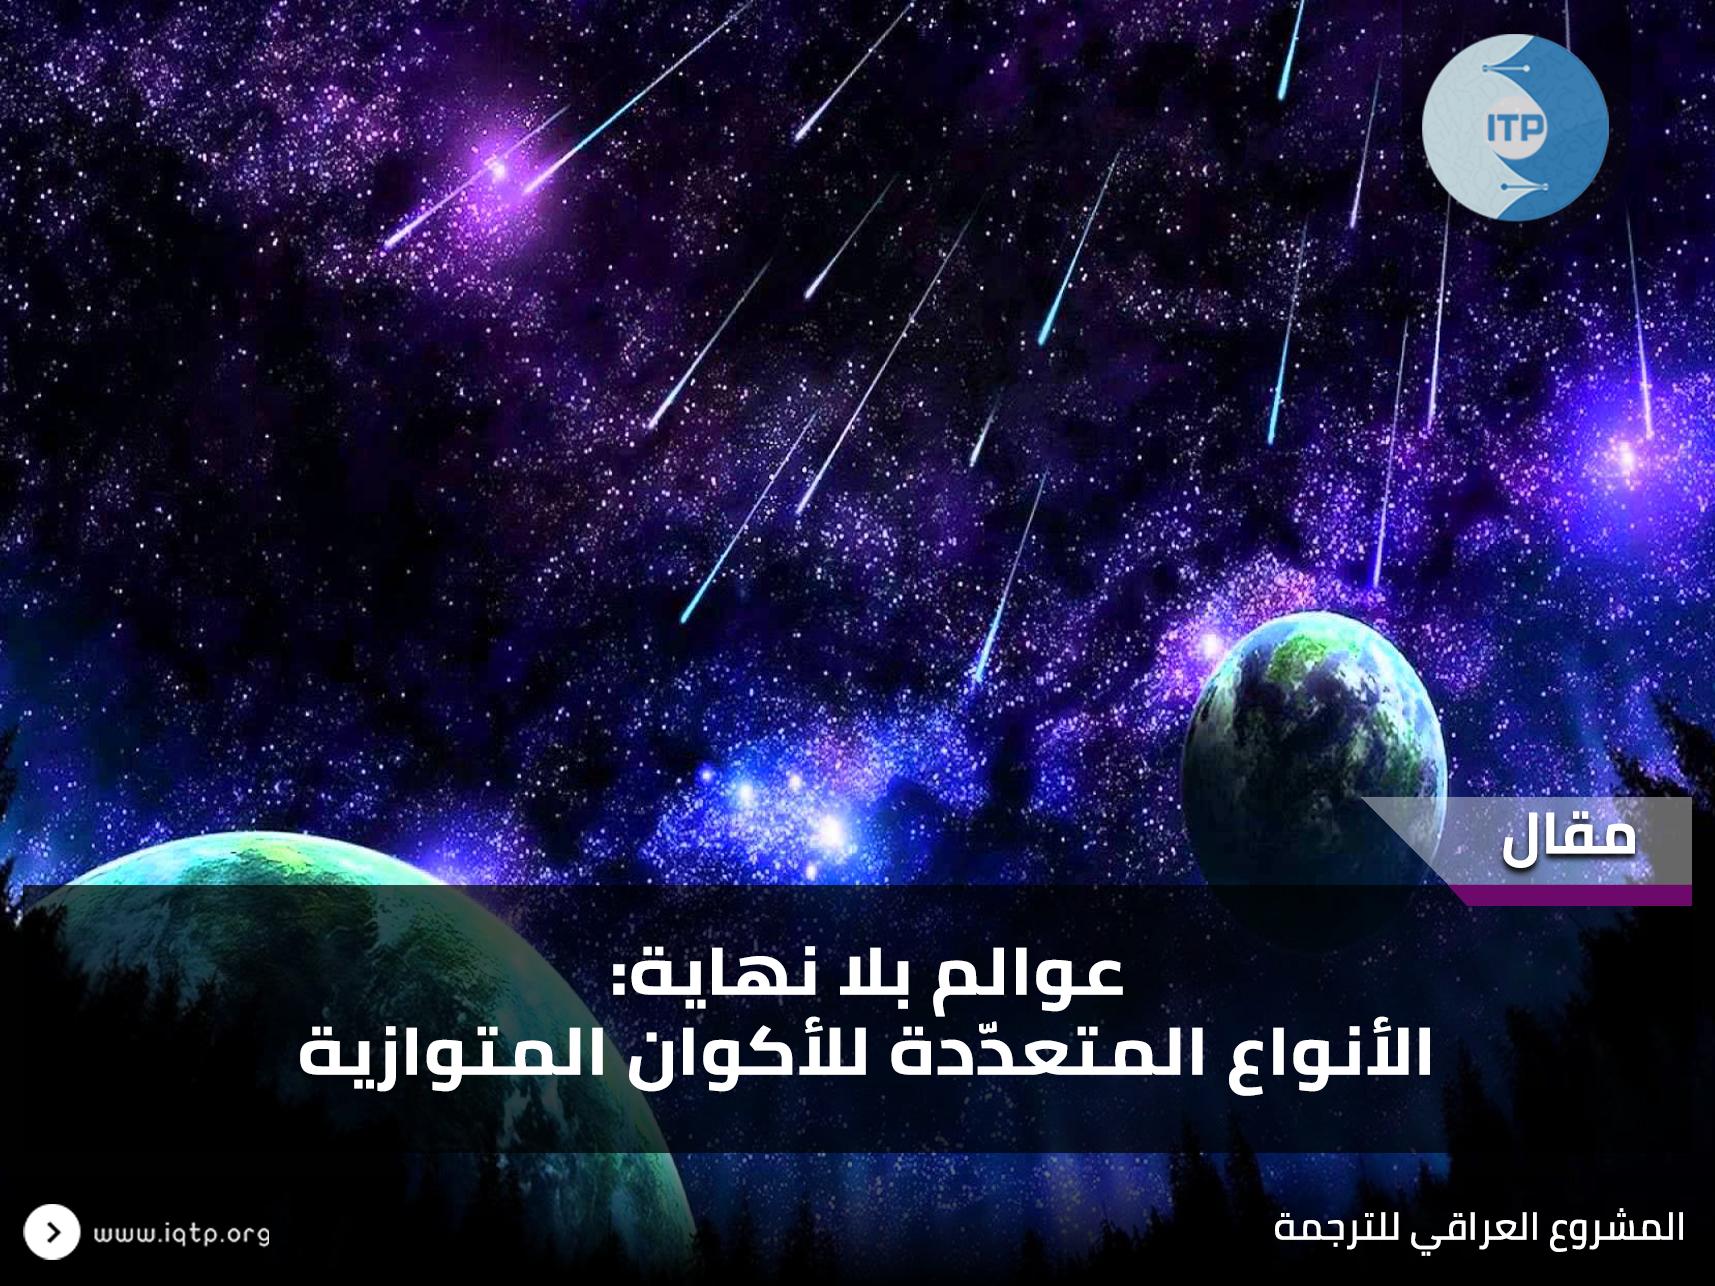 عوالم بلا نهاية الأنواع المتعد دة للأكوان المتوازية Iraqi Translation Project